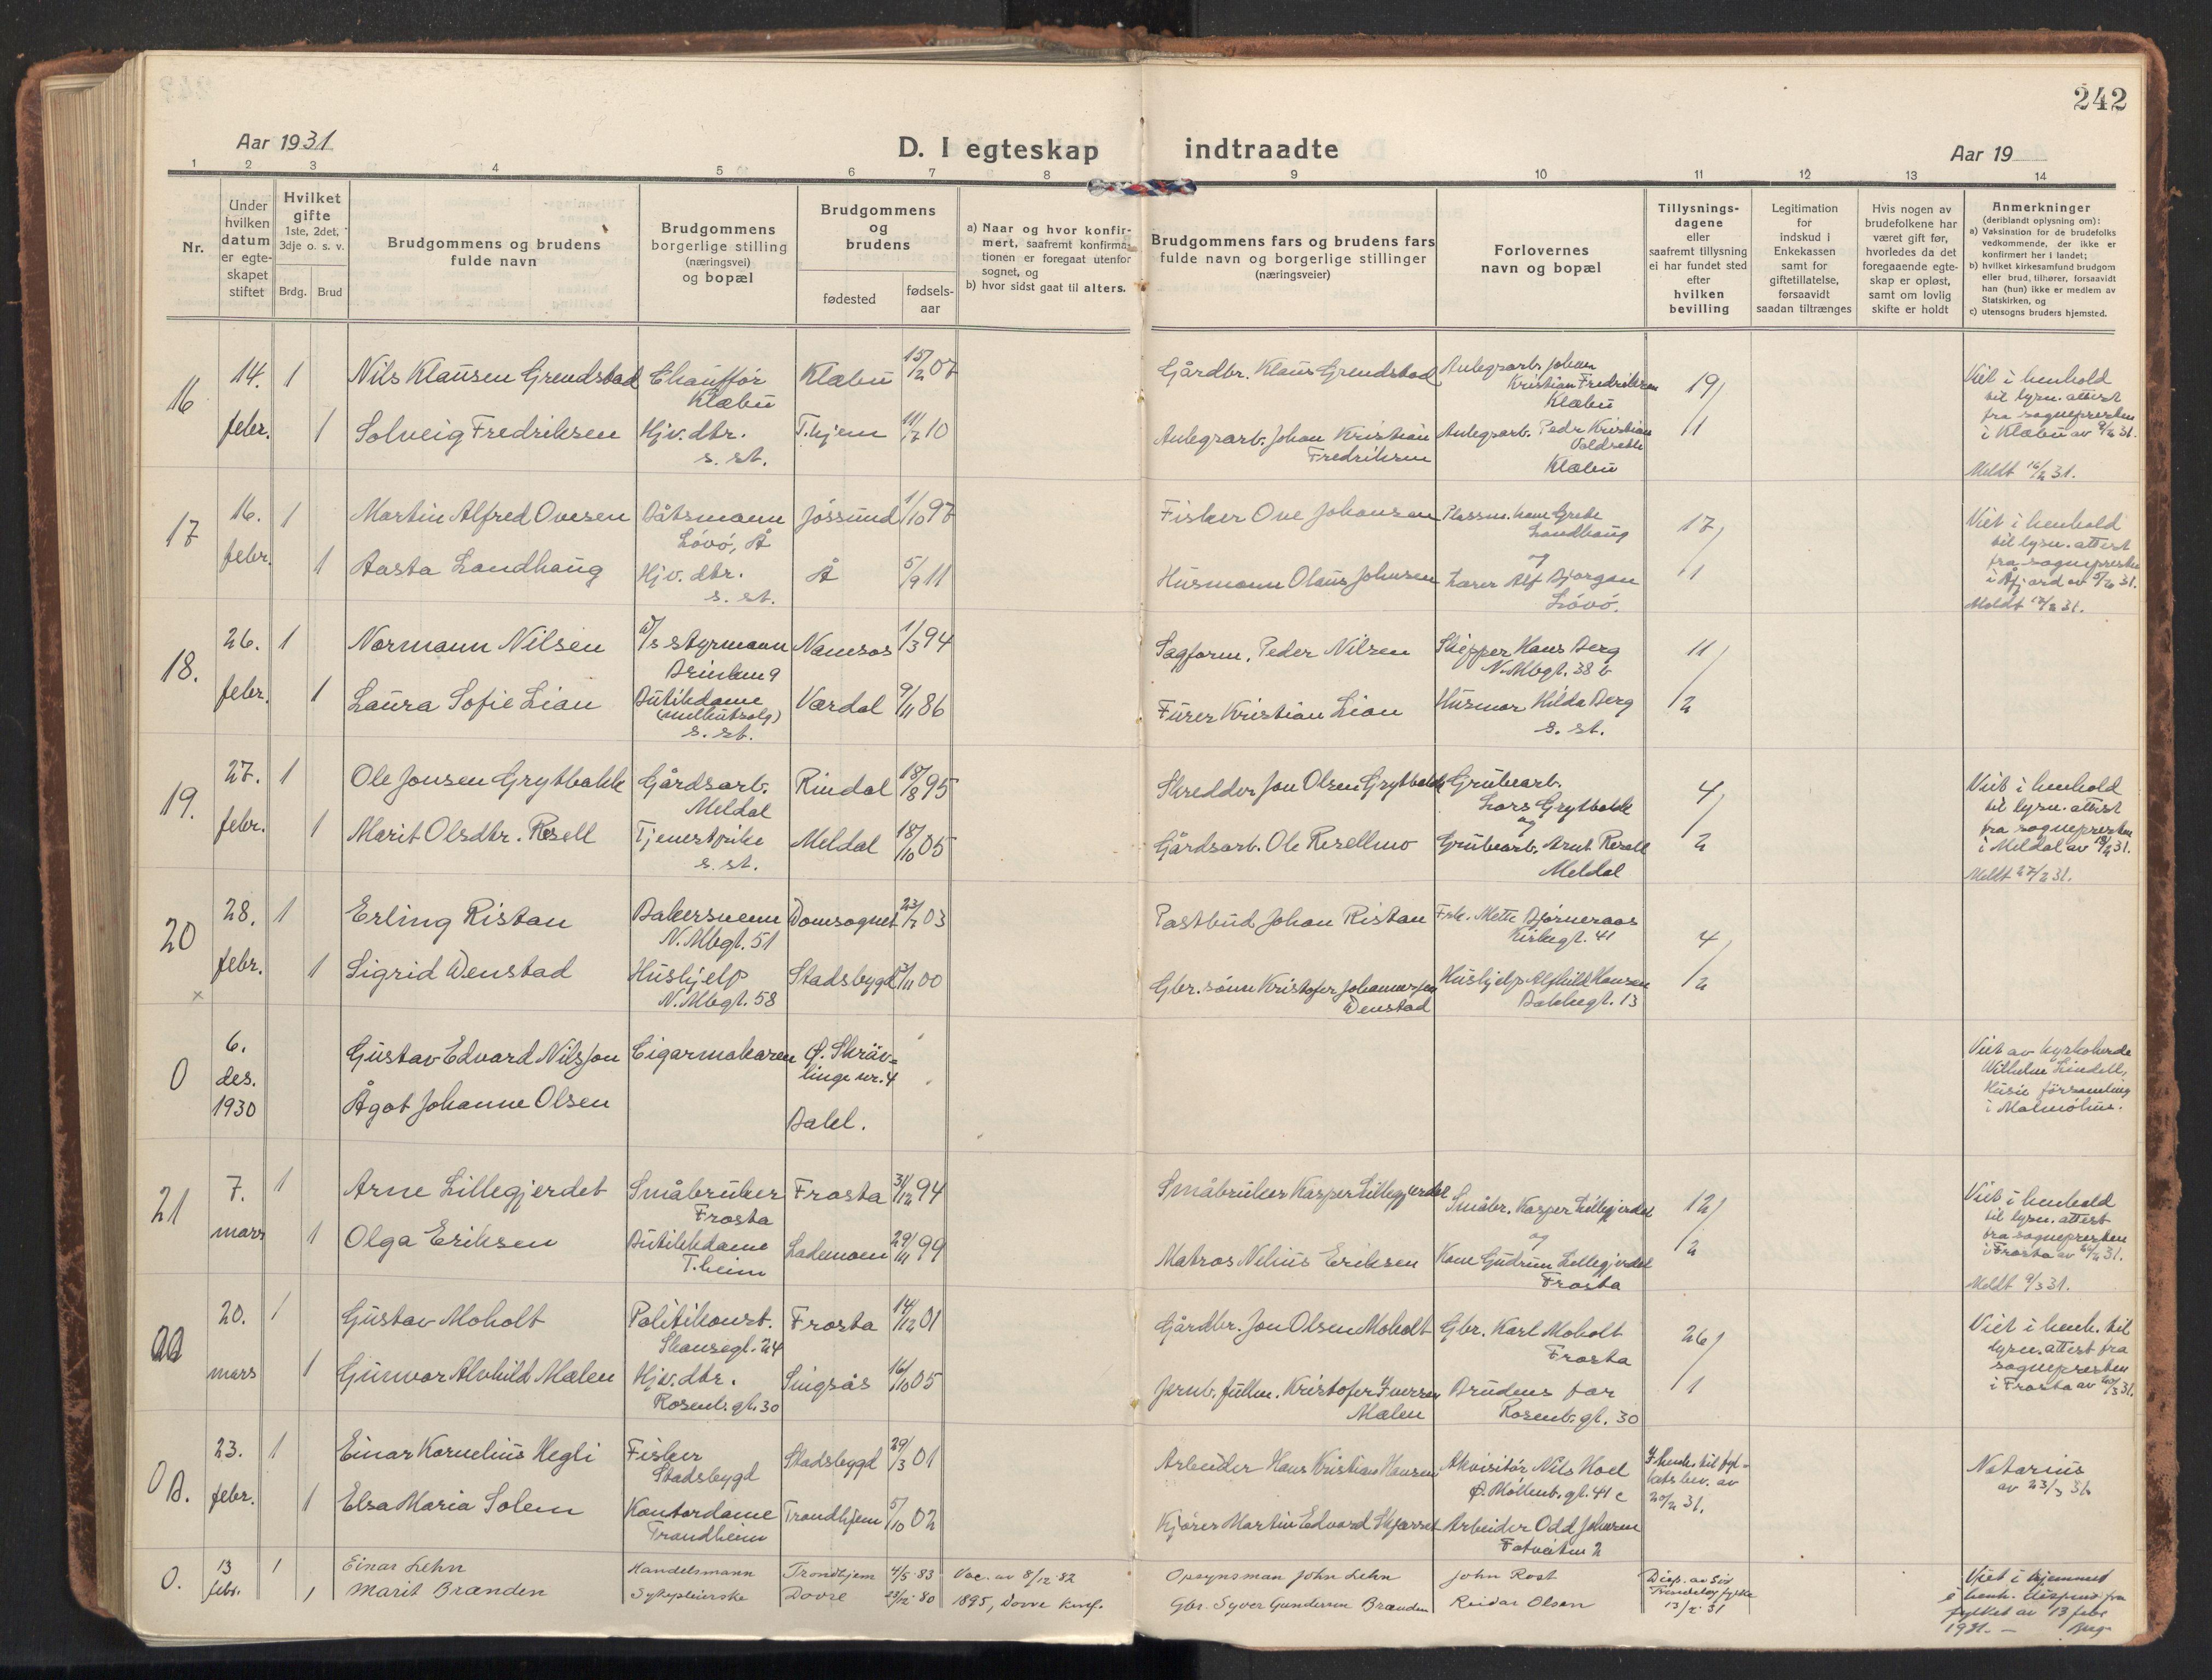 SAT, Ministerialprotokoller, klokkerbøker og fødselsregistre - Sør-Trøndelag, 604/L0206: Ministerialbok nr. 604A26, 1917-1931, s. 242